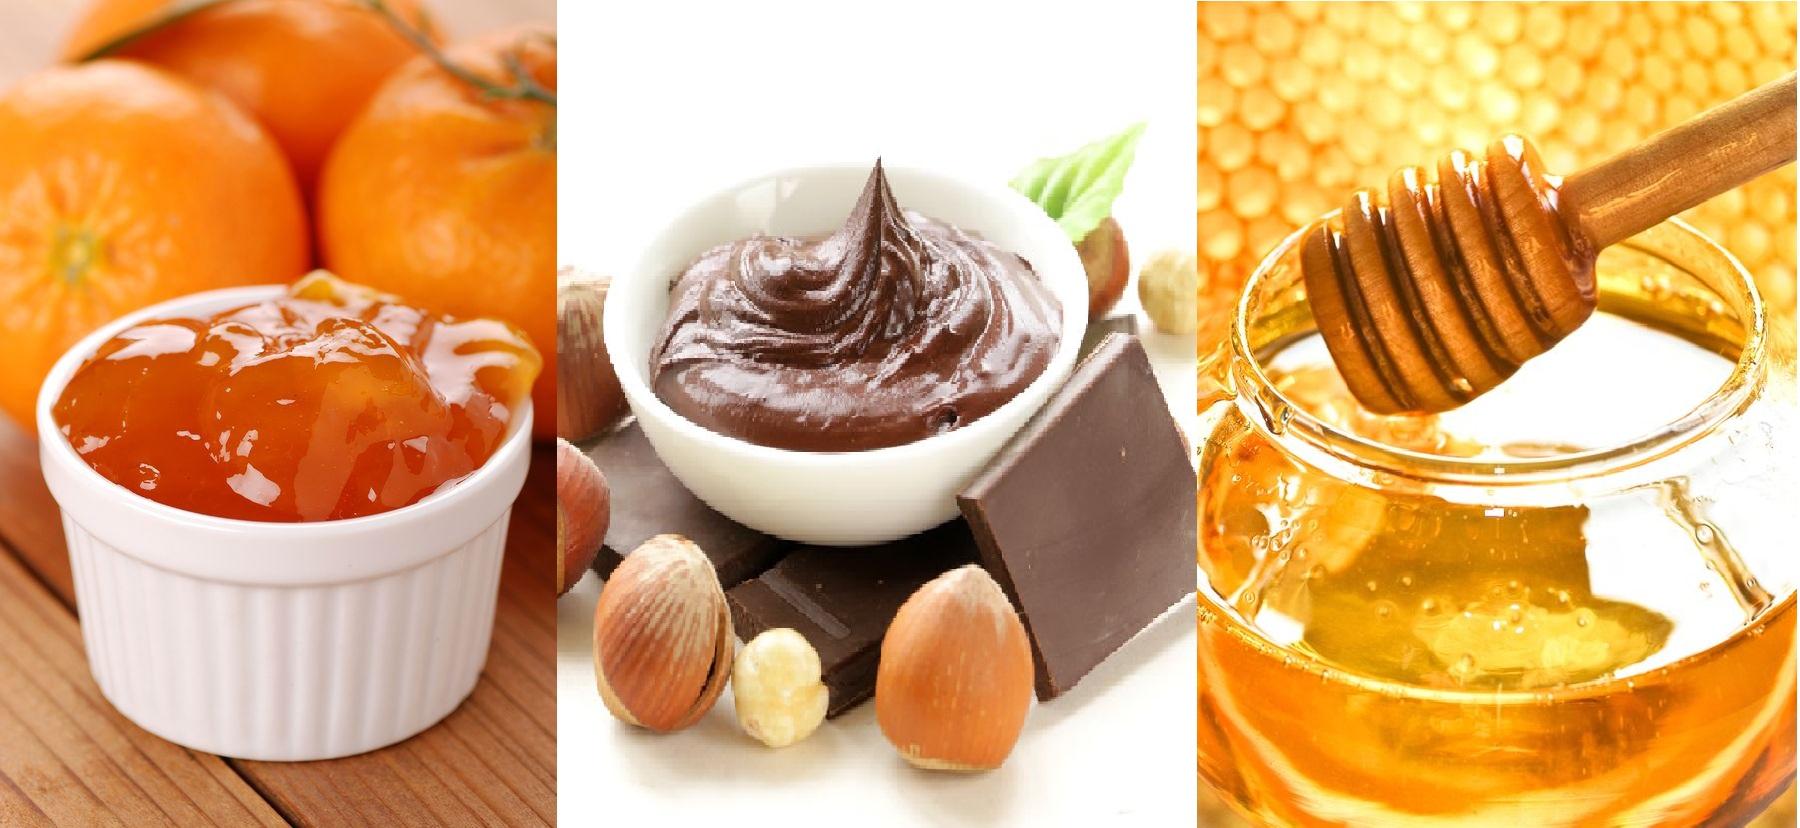 Marmellate di frutta, miele, crema cioccolato